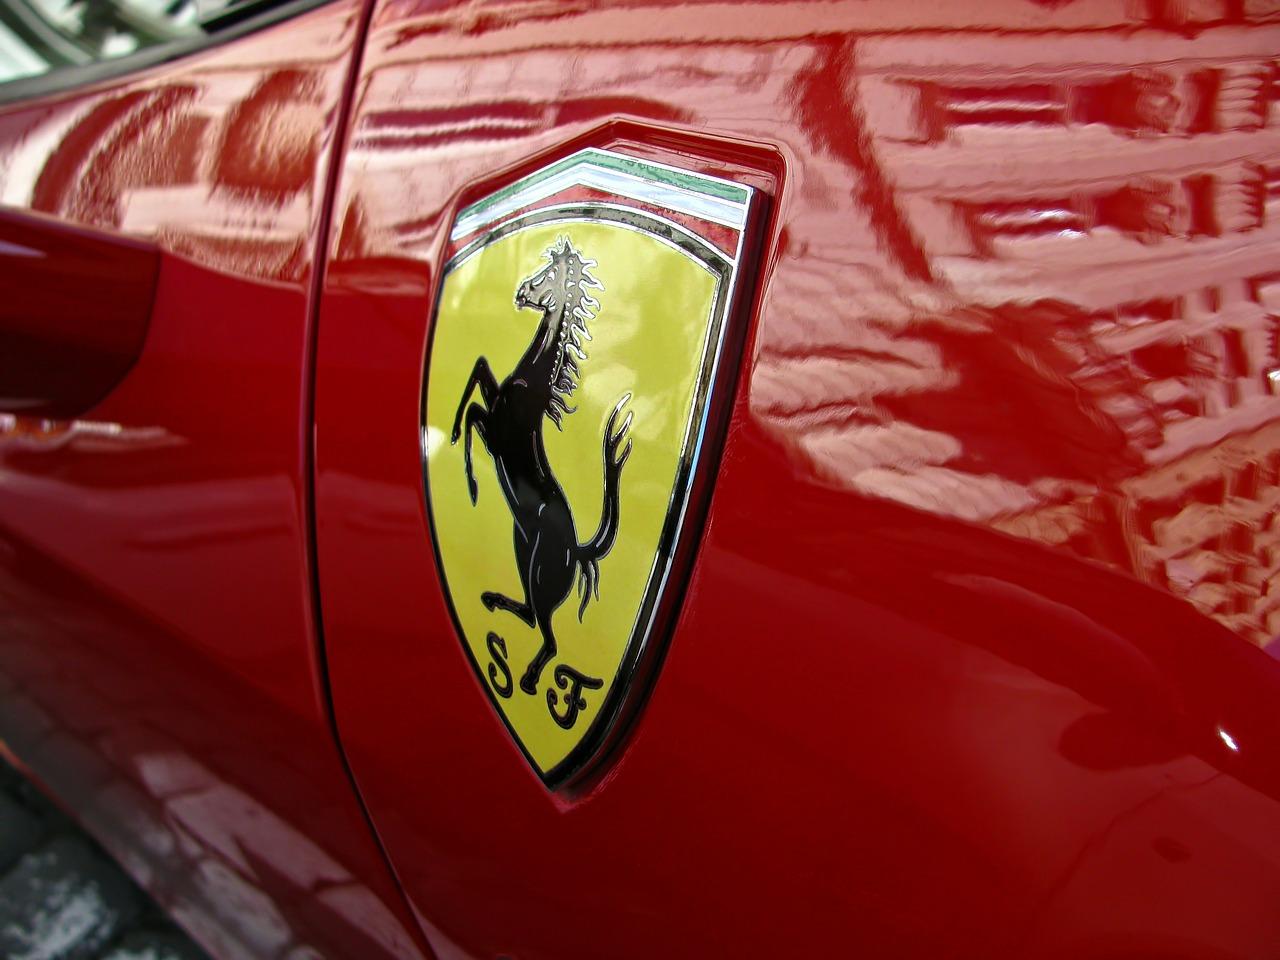 フェラーリの意味・由来とは?ロゴマーク(エンブレム)や車名を調査!